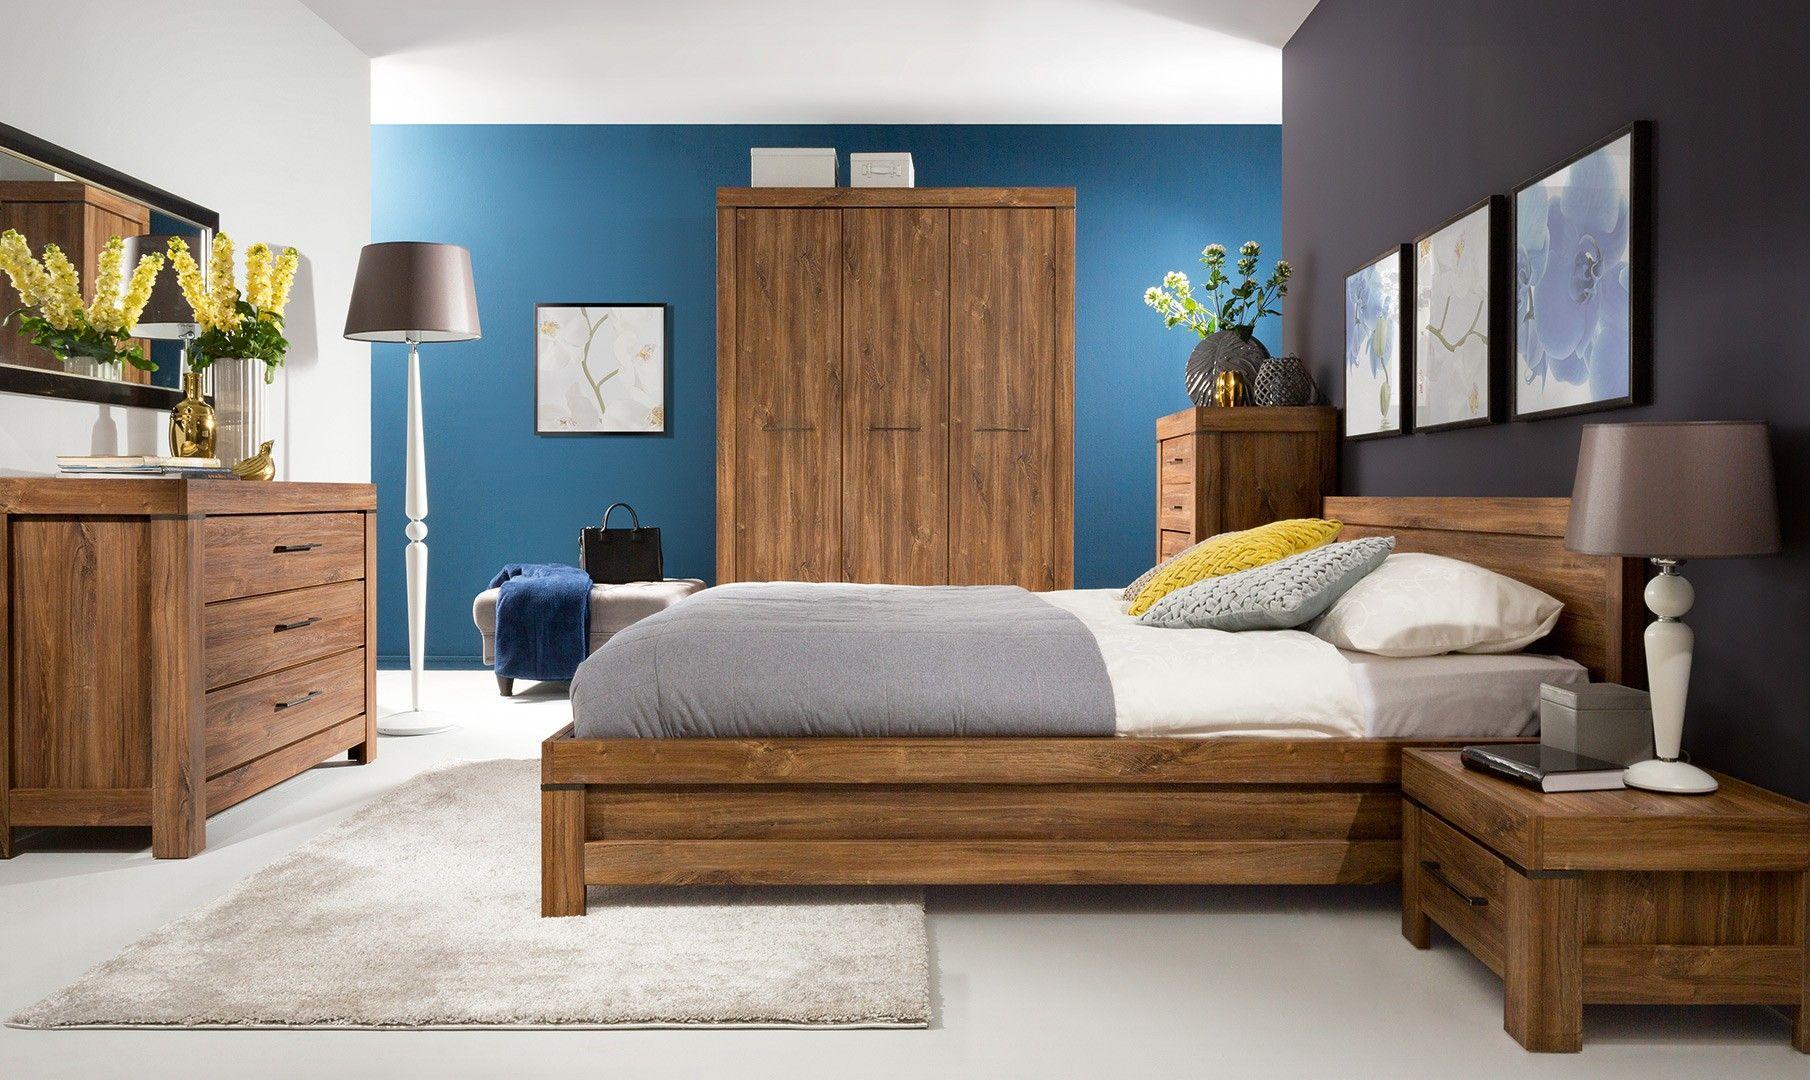 Rustico is een moderne complete slaapkamer gemaakt van hoogwaardig ...